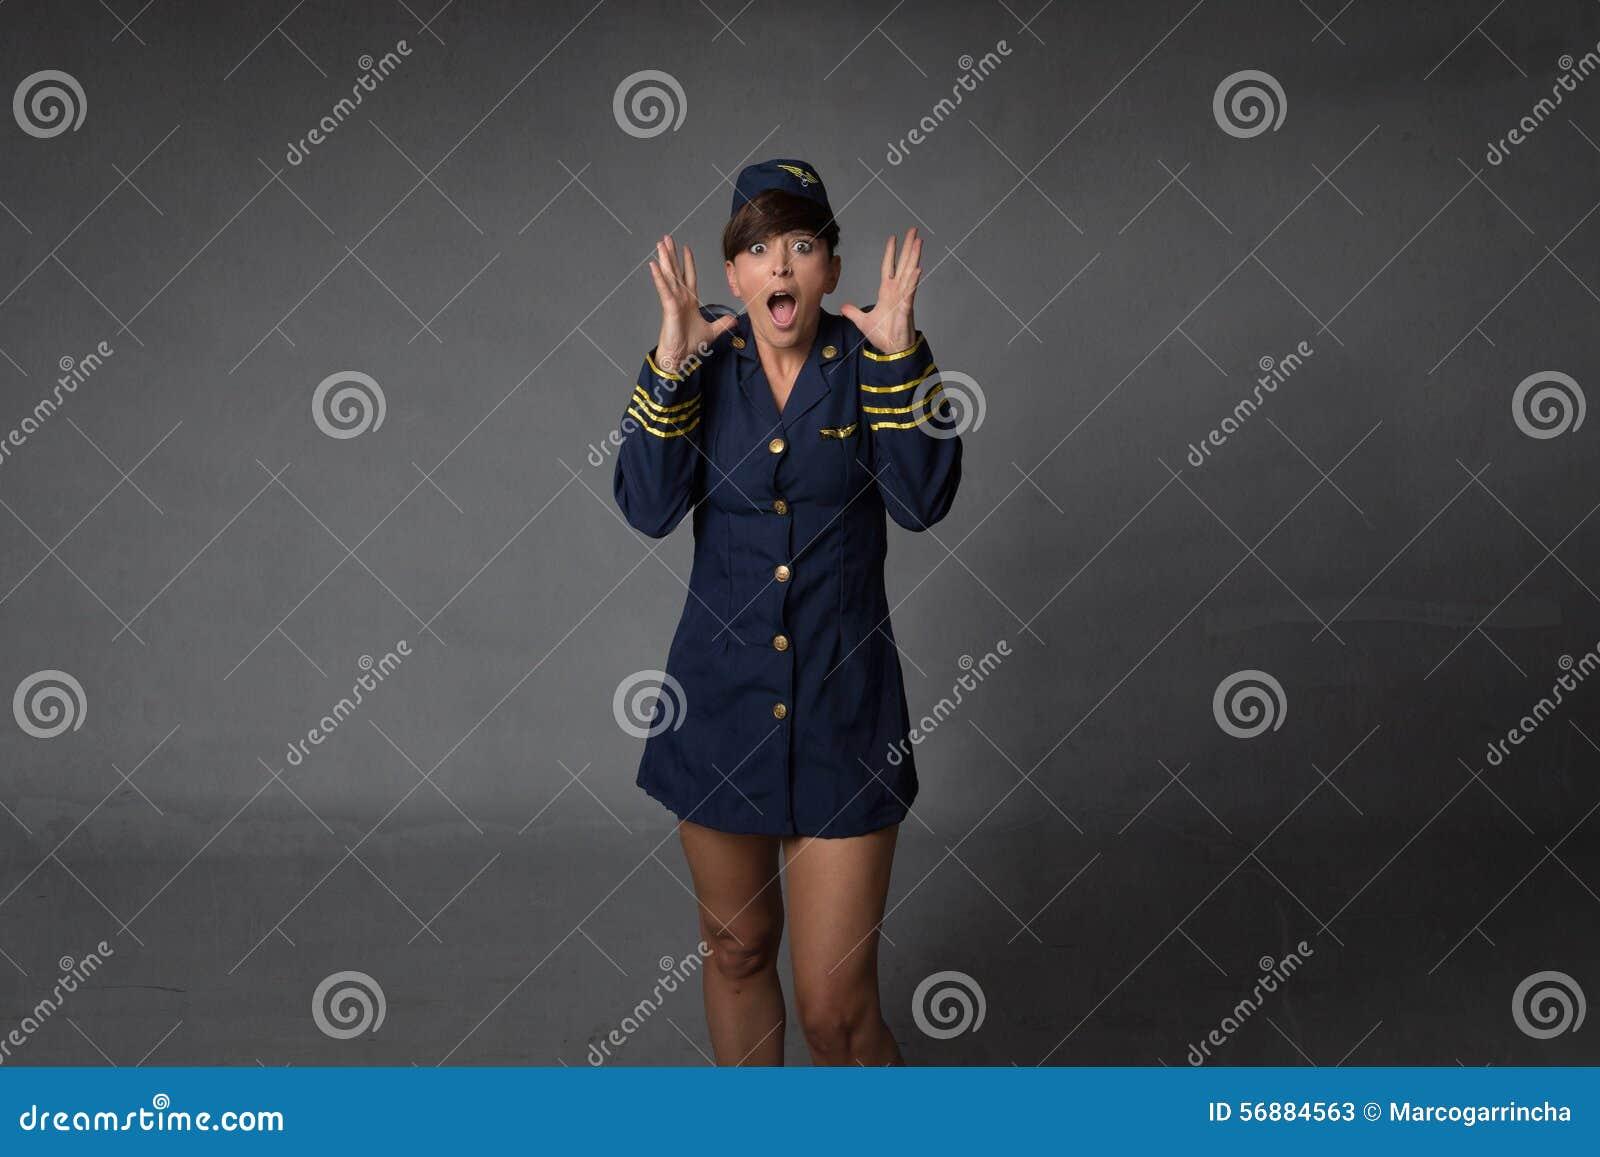 Air hostess screaming